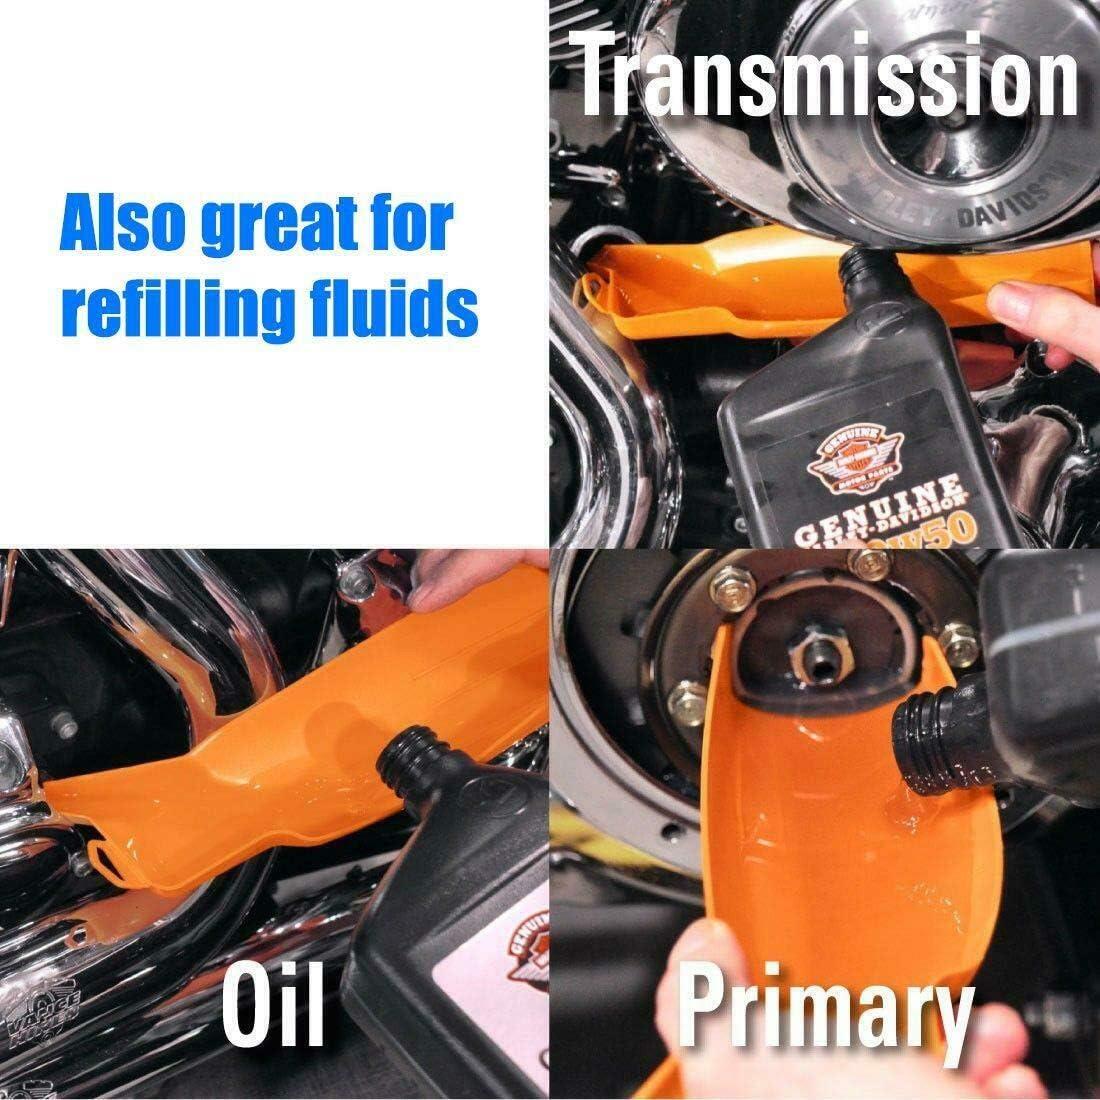 Kit de filtres /à huile pour moto Orange